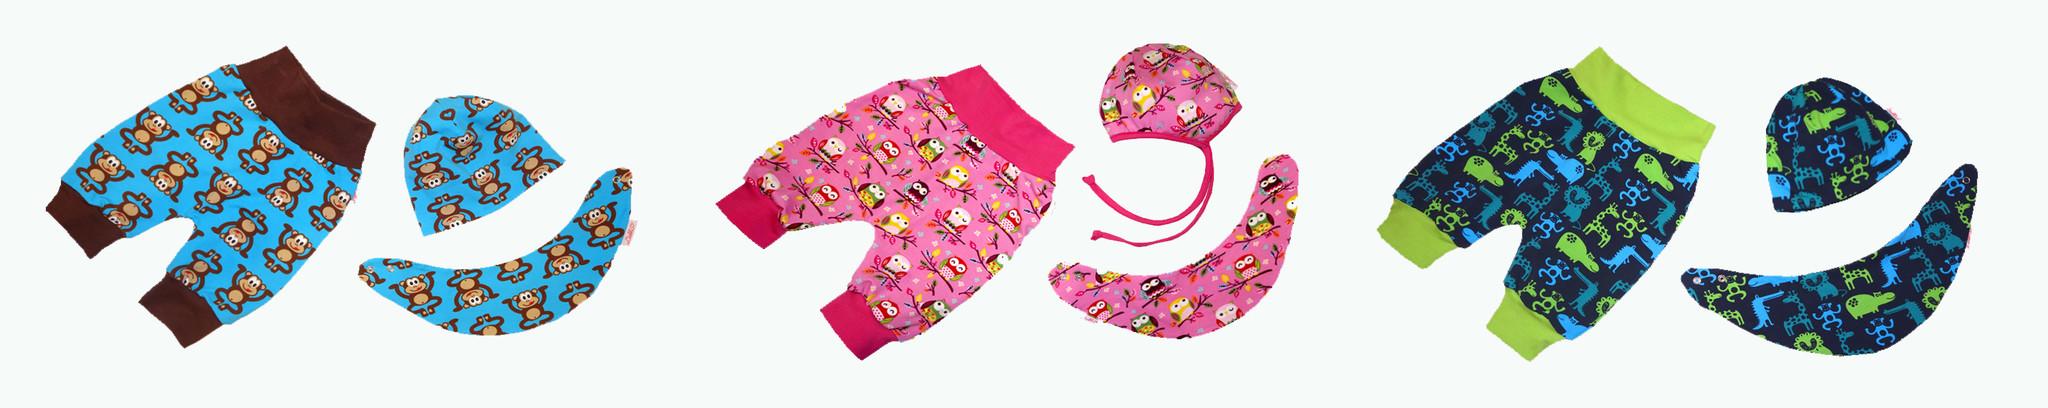 Babymode Babysets Babygeschenk Geburtsgeschenk Babykleidung Liebli Kindermode 1030 Wien Landsrtaße